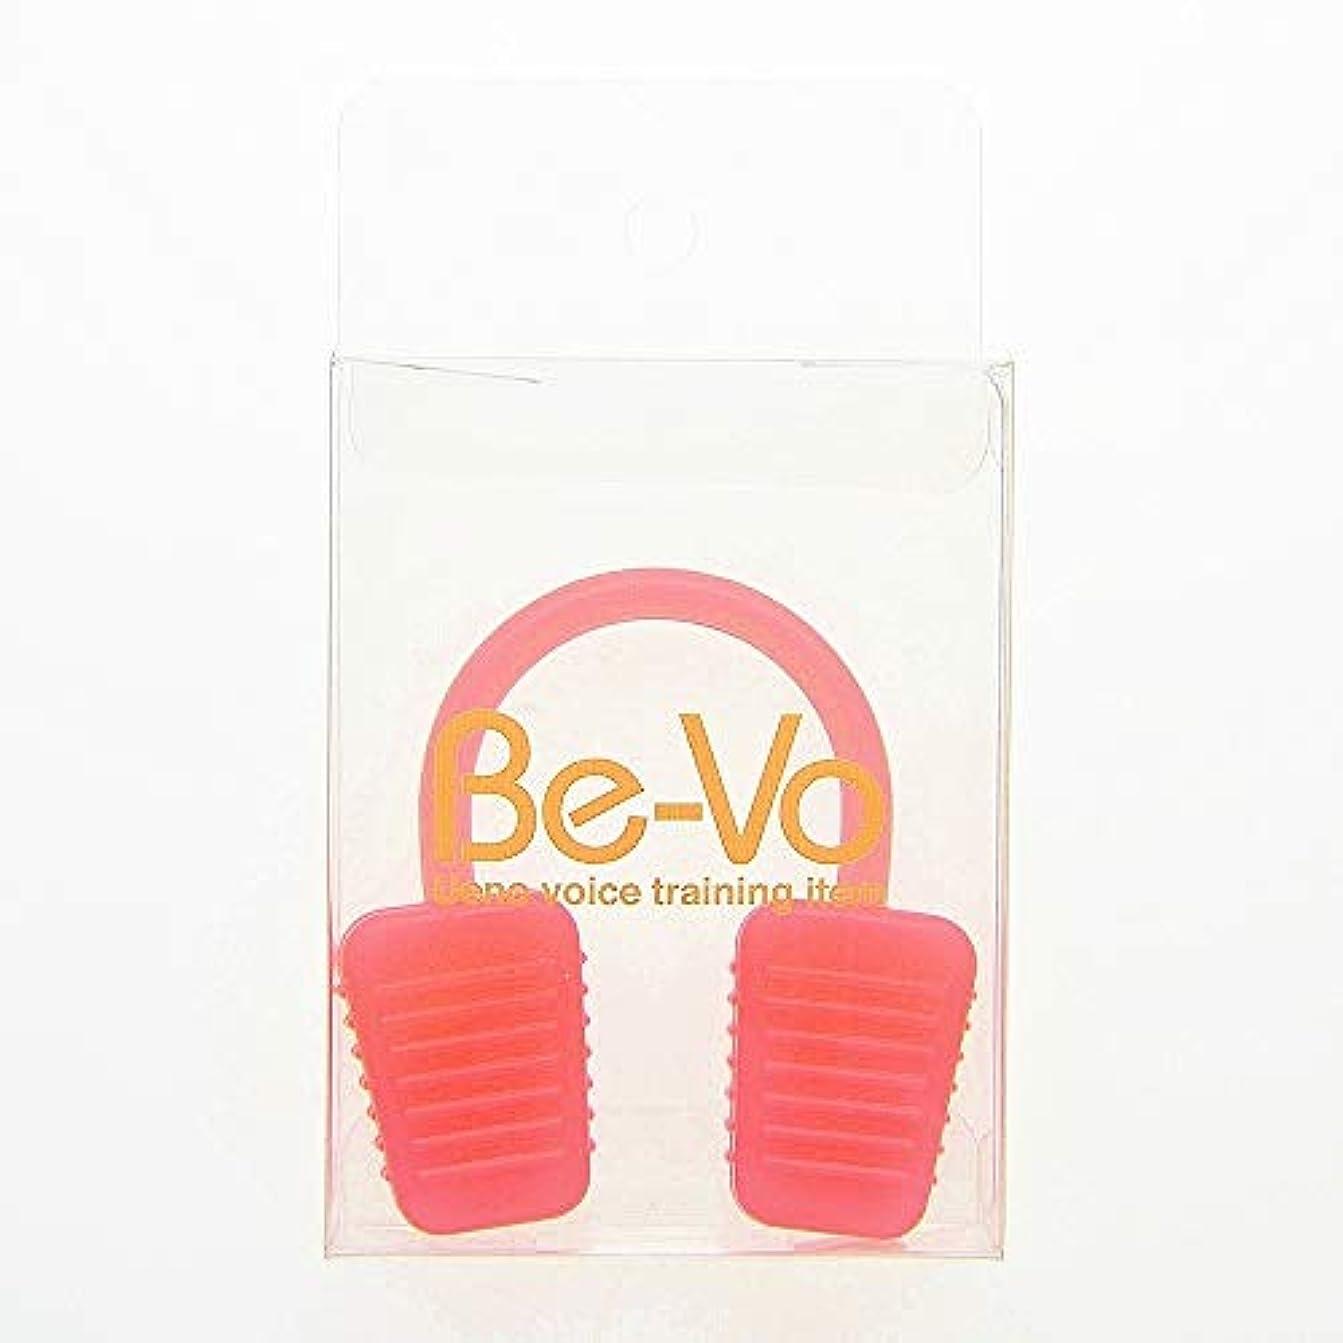 アセンブリ見捨てられた美容師Be-Vo (ビーボ) ボイストレーニング器具 自宅で簡単ボイトレグッズ (ピンク)